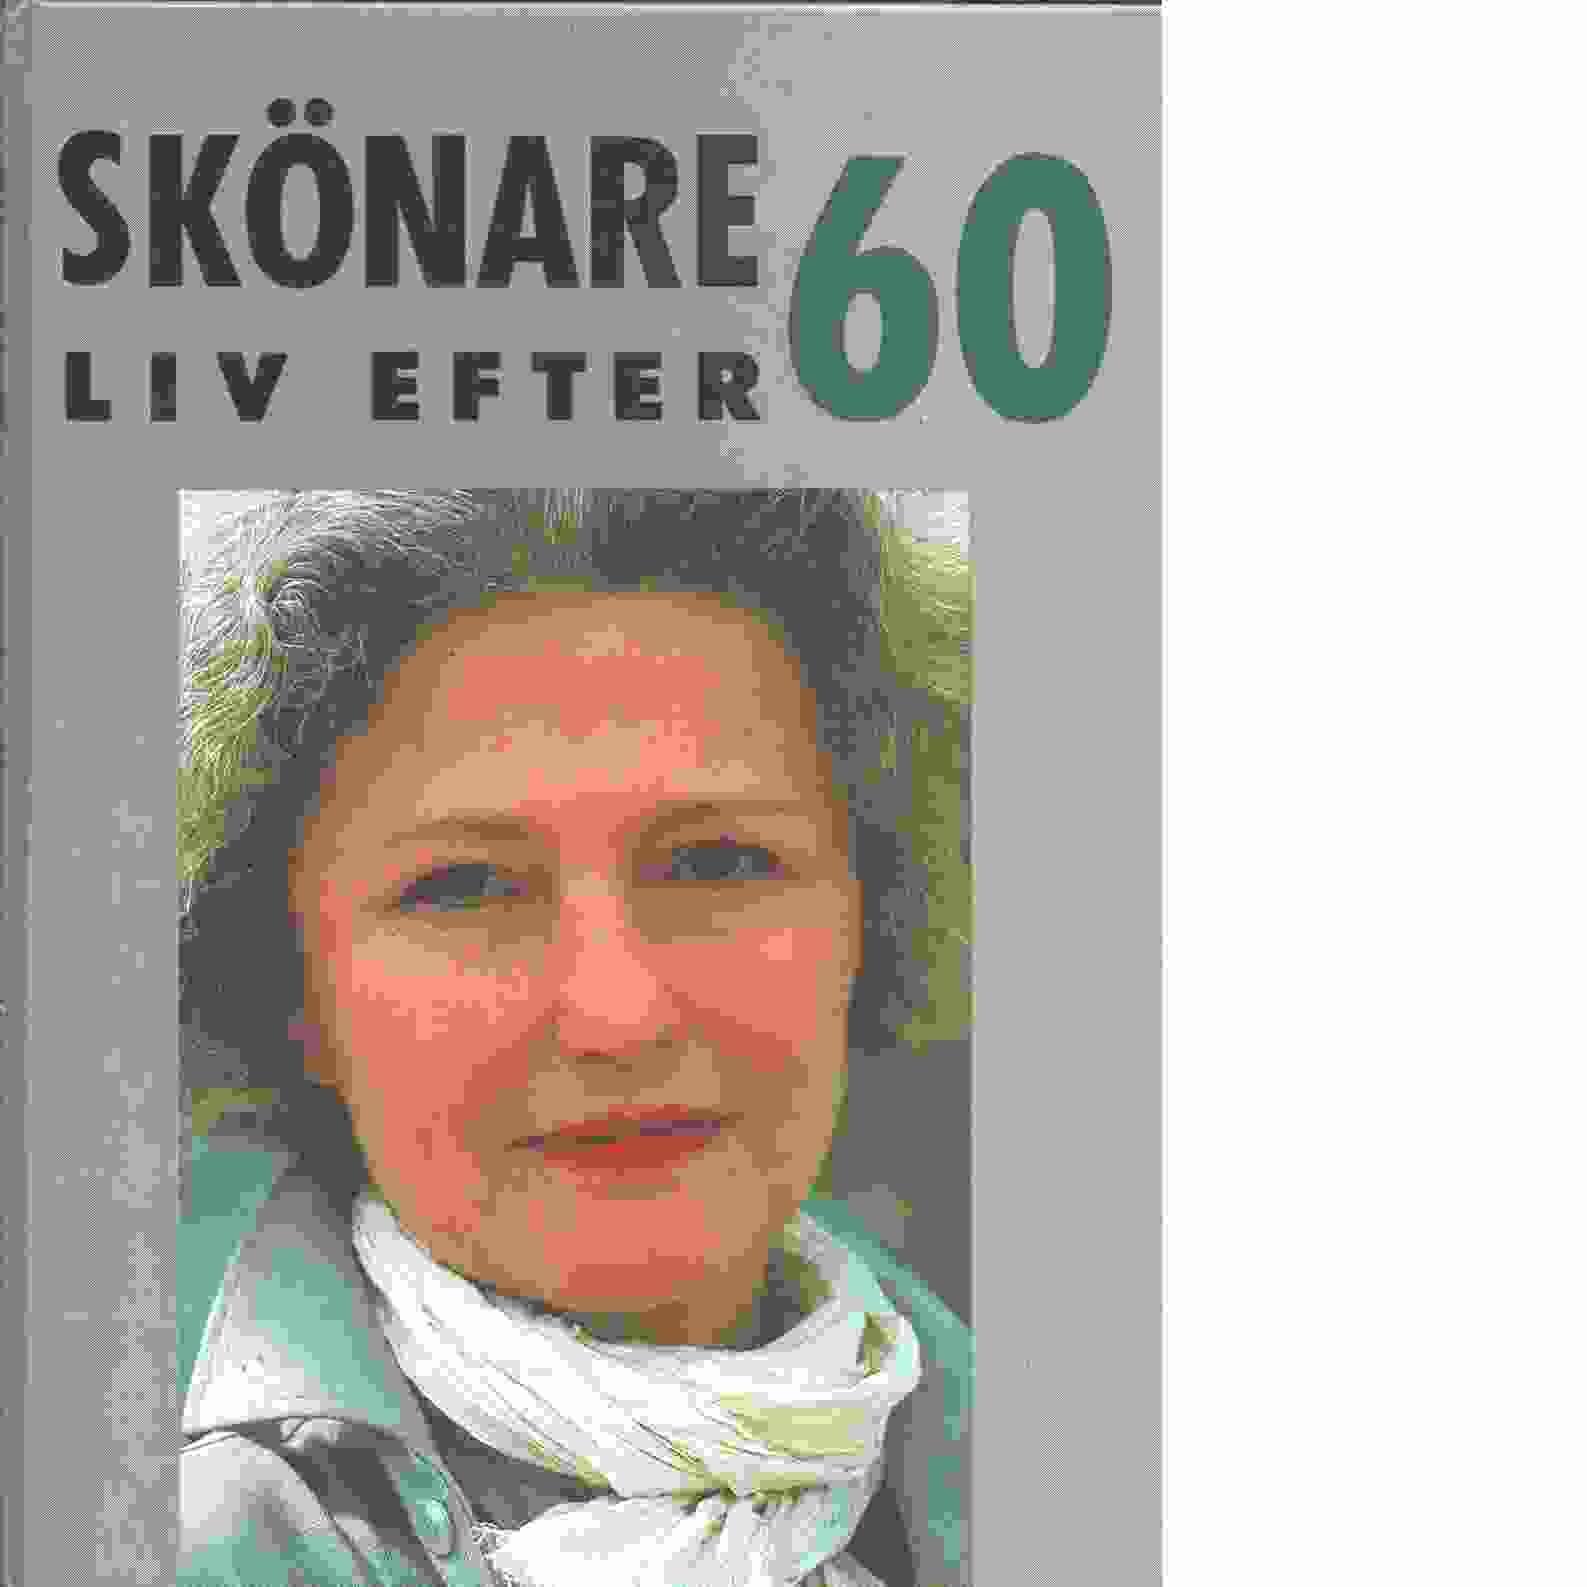 Skönare liv efter 60  - Red. Engman, Kerstin